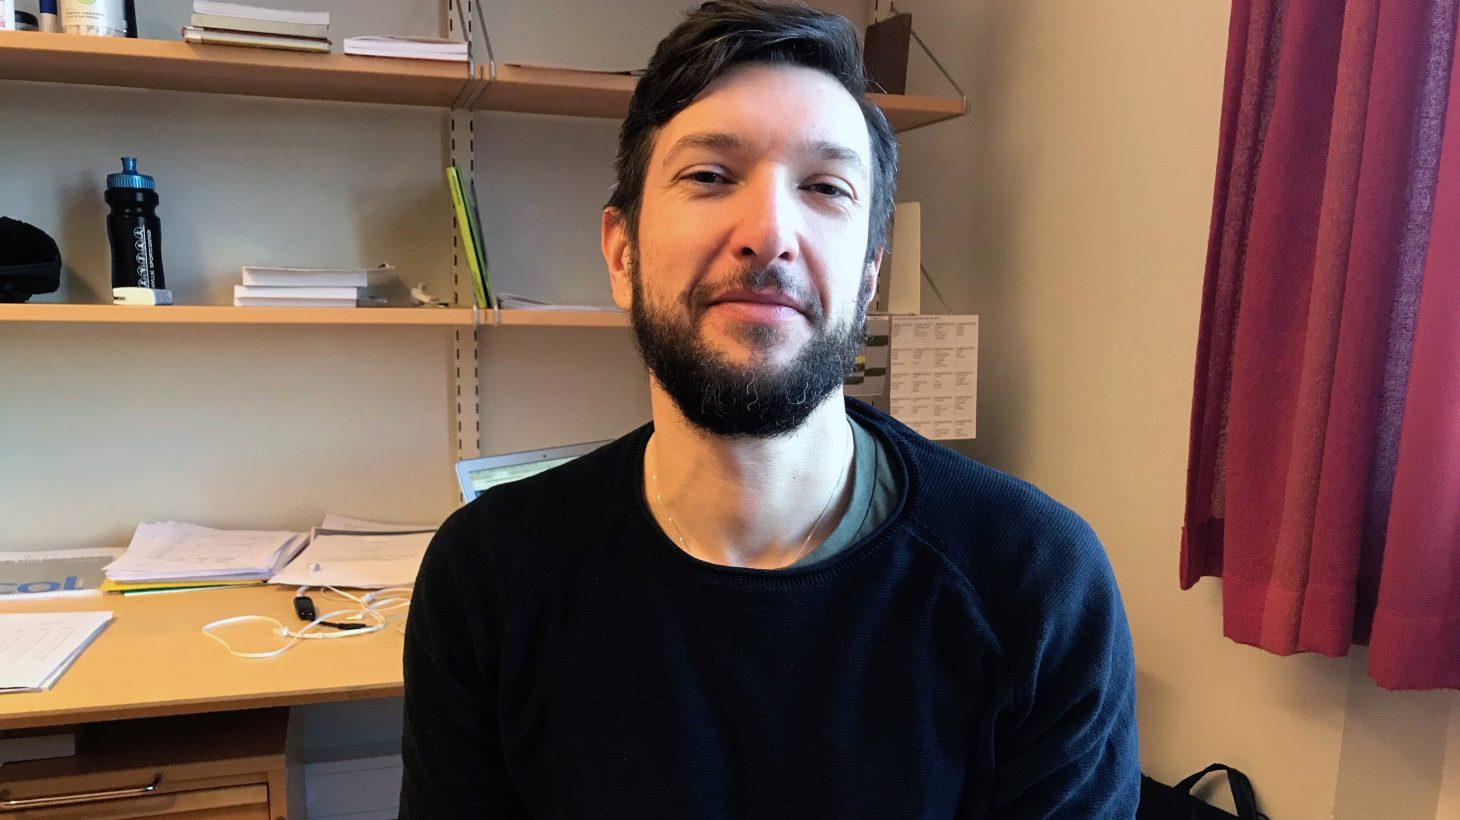 Aleksandar Djordjevicsitter på sitt kontor.